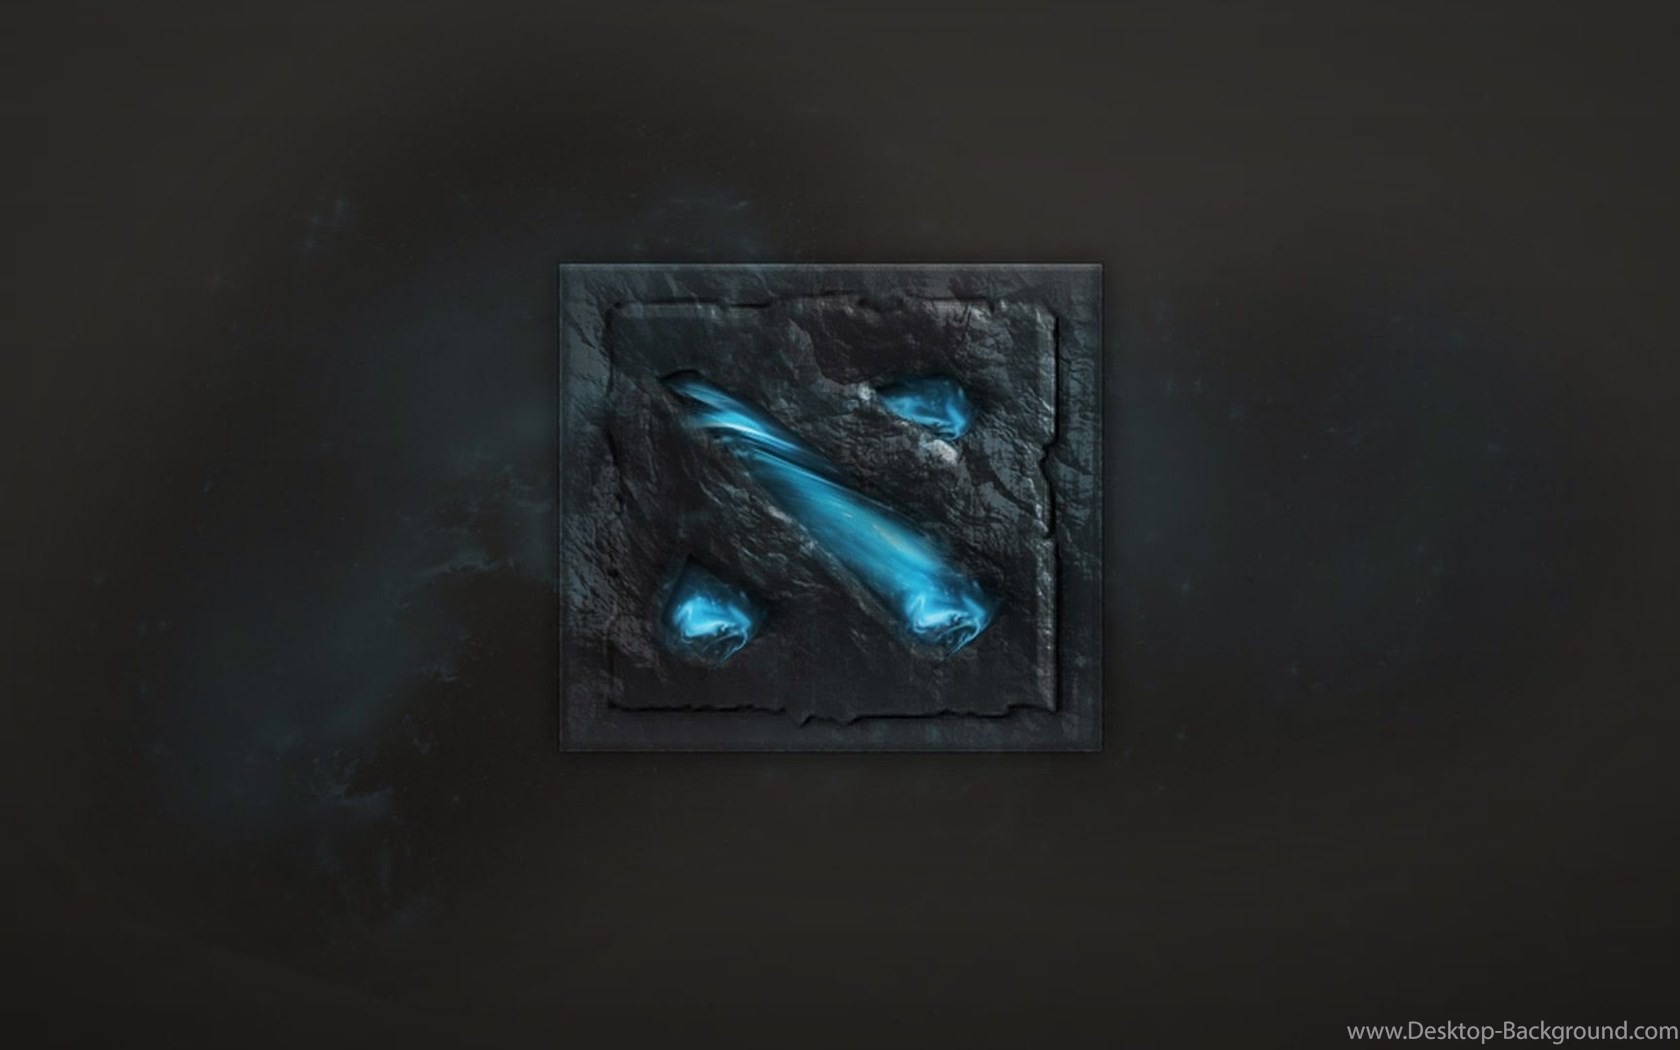 Widescreen - Darkness , HD Wallpaper & Backgrounds